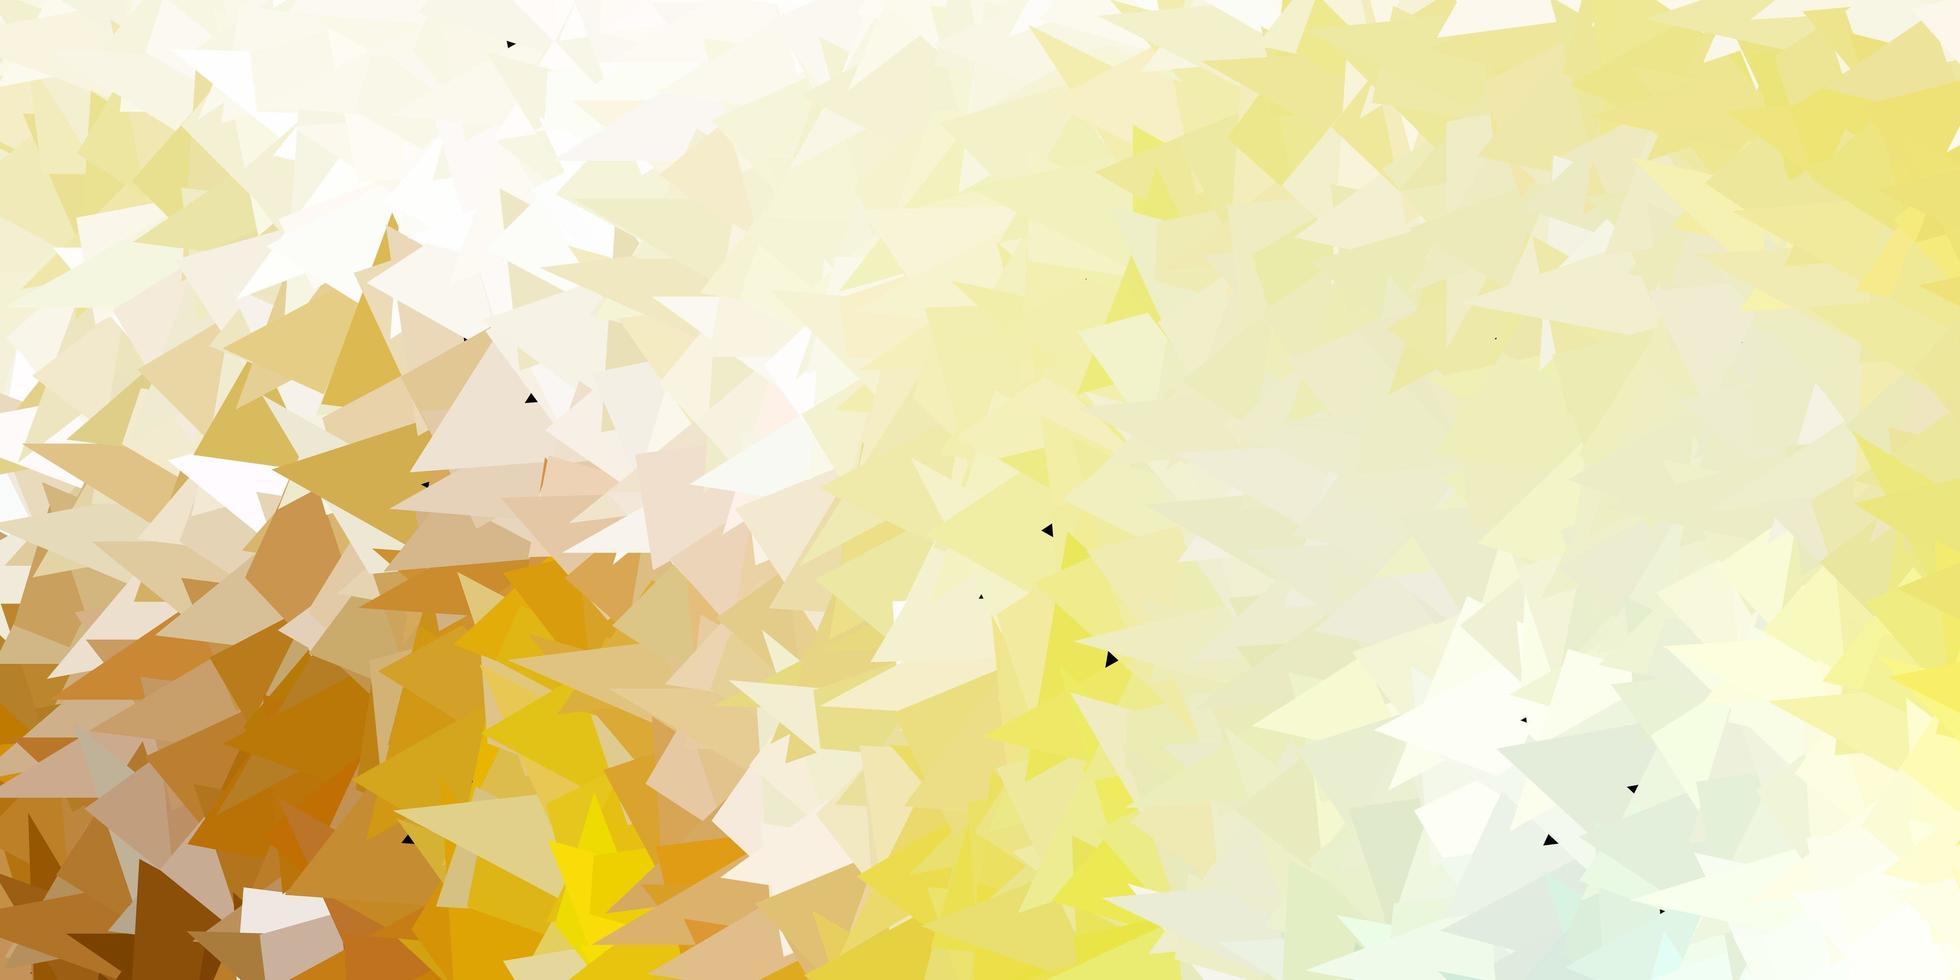 ljusblå, gul vektor geometrisk månghörnigt layout.